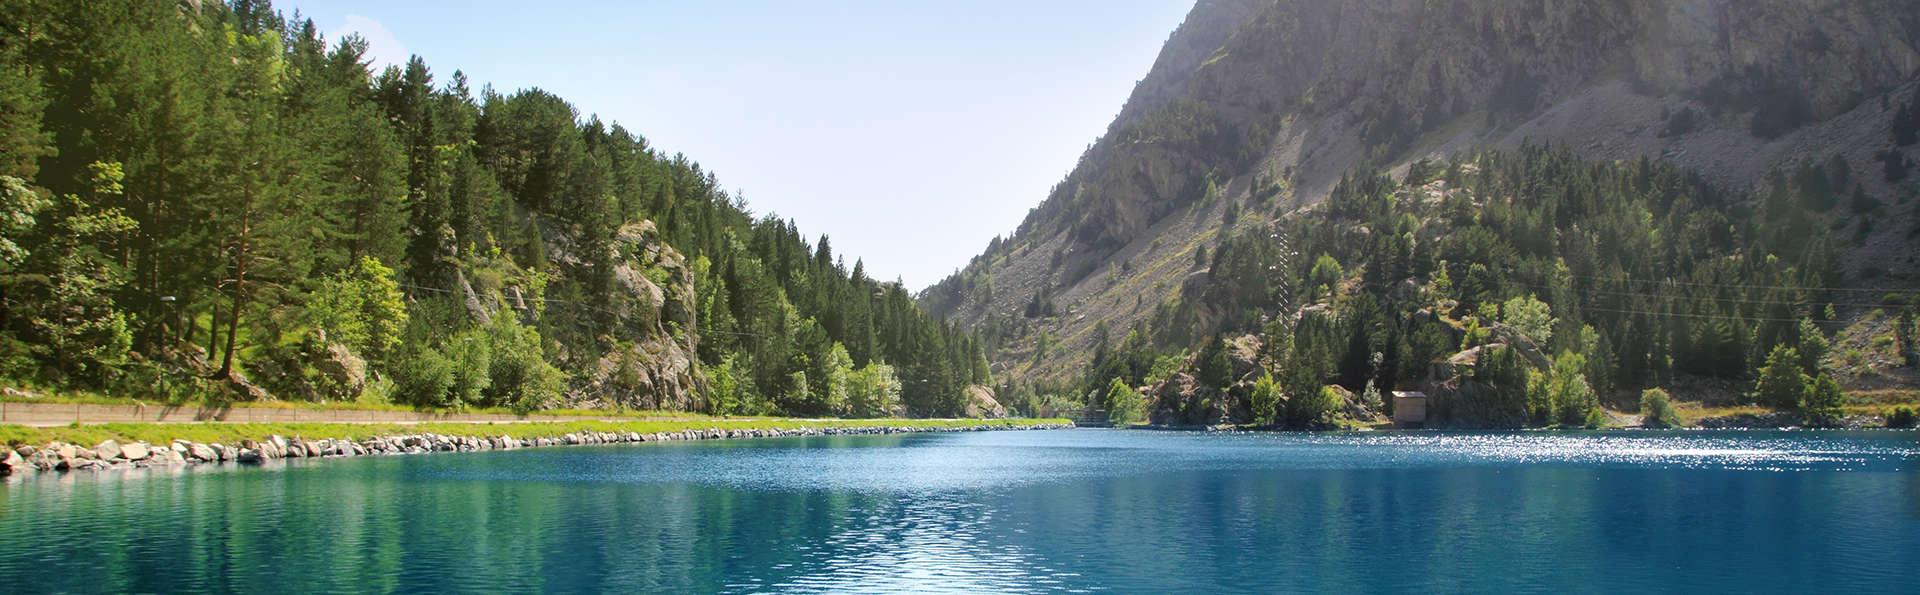 Fin de semana relax: circuito termal y media pensión entre montañas (desde 2 noches)